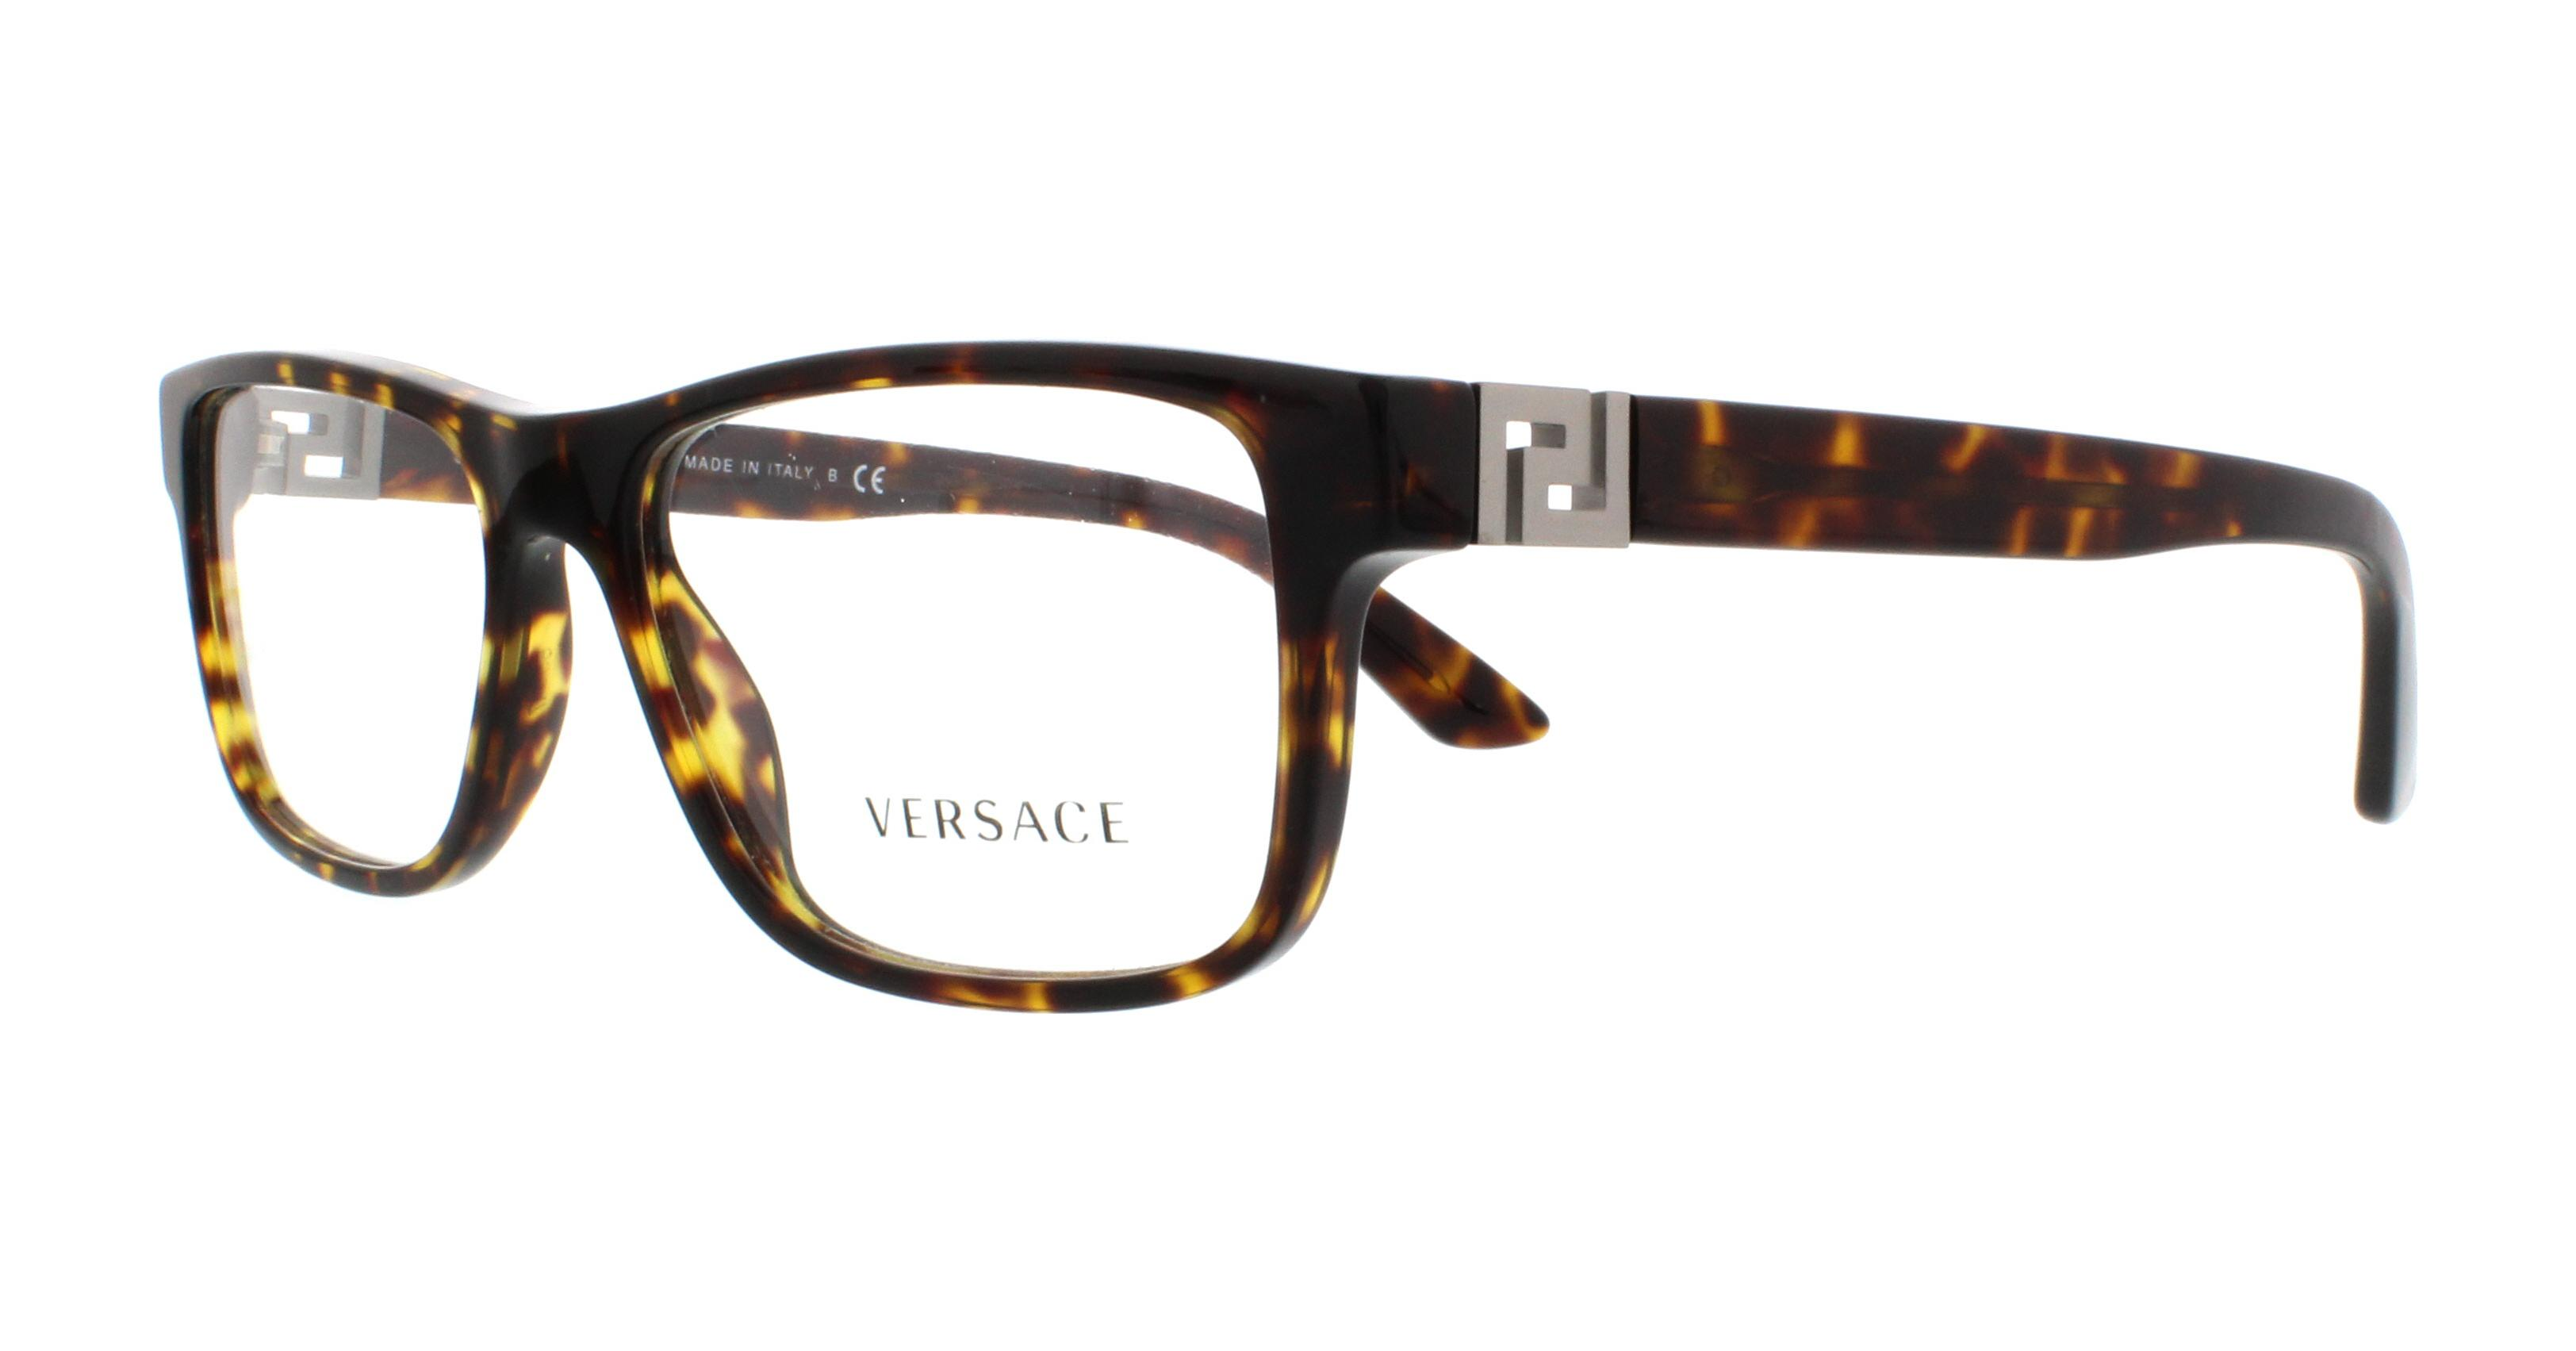 3c18e1fac54 Designer Frames Outlet. Versace VE3211